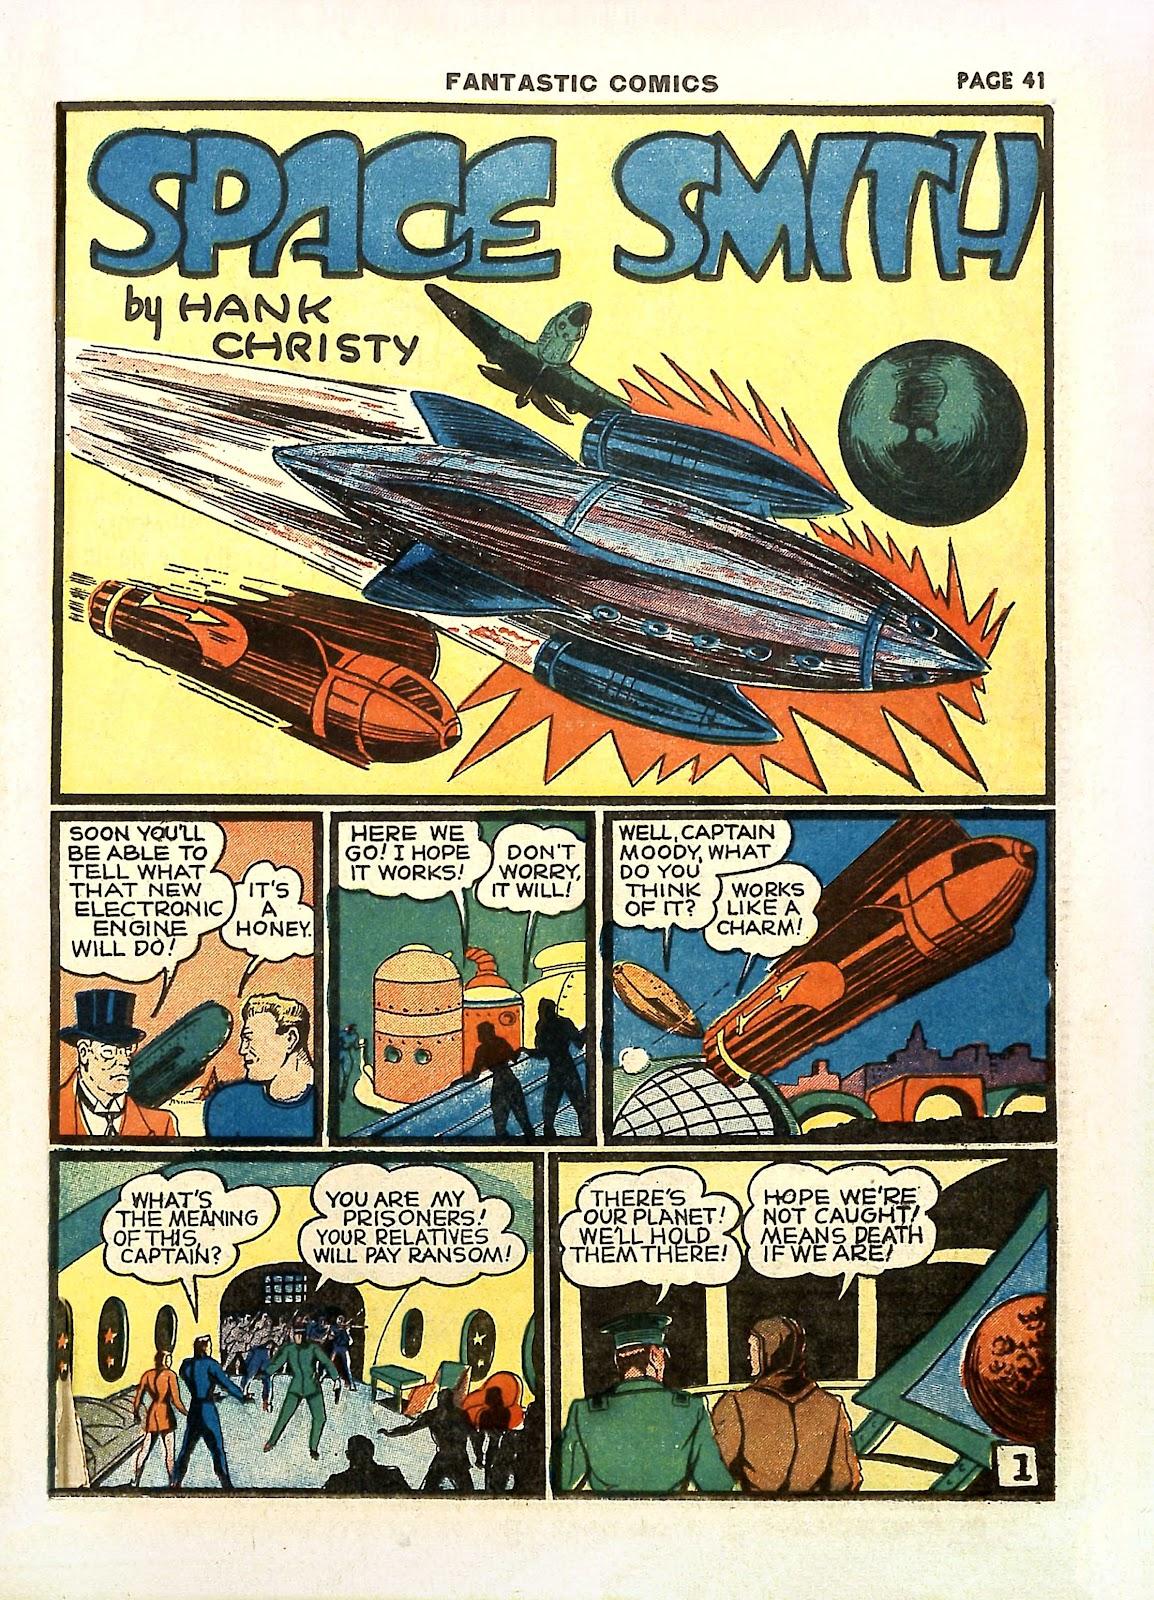 Read online Fantastic Comics comic -  Issue #11 - 44